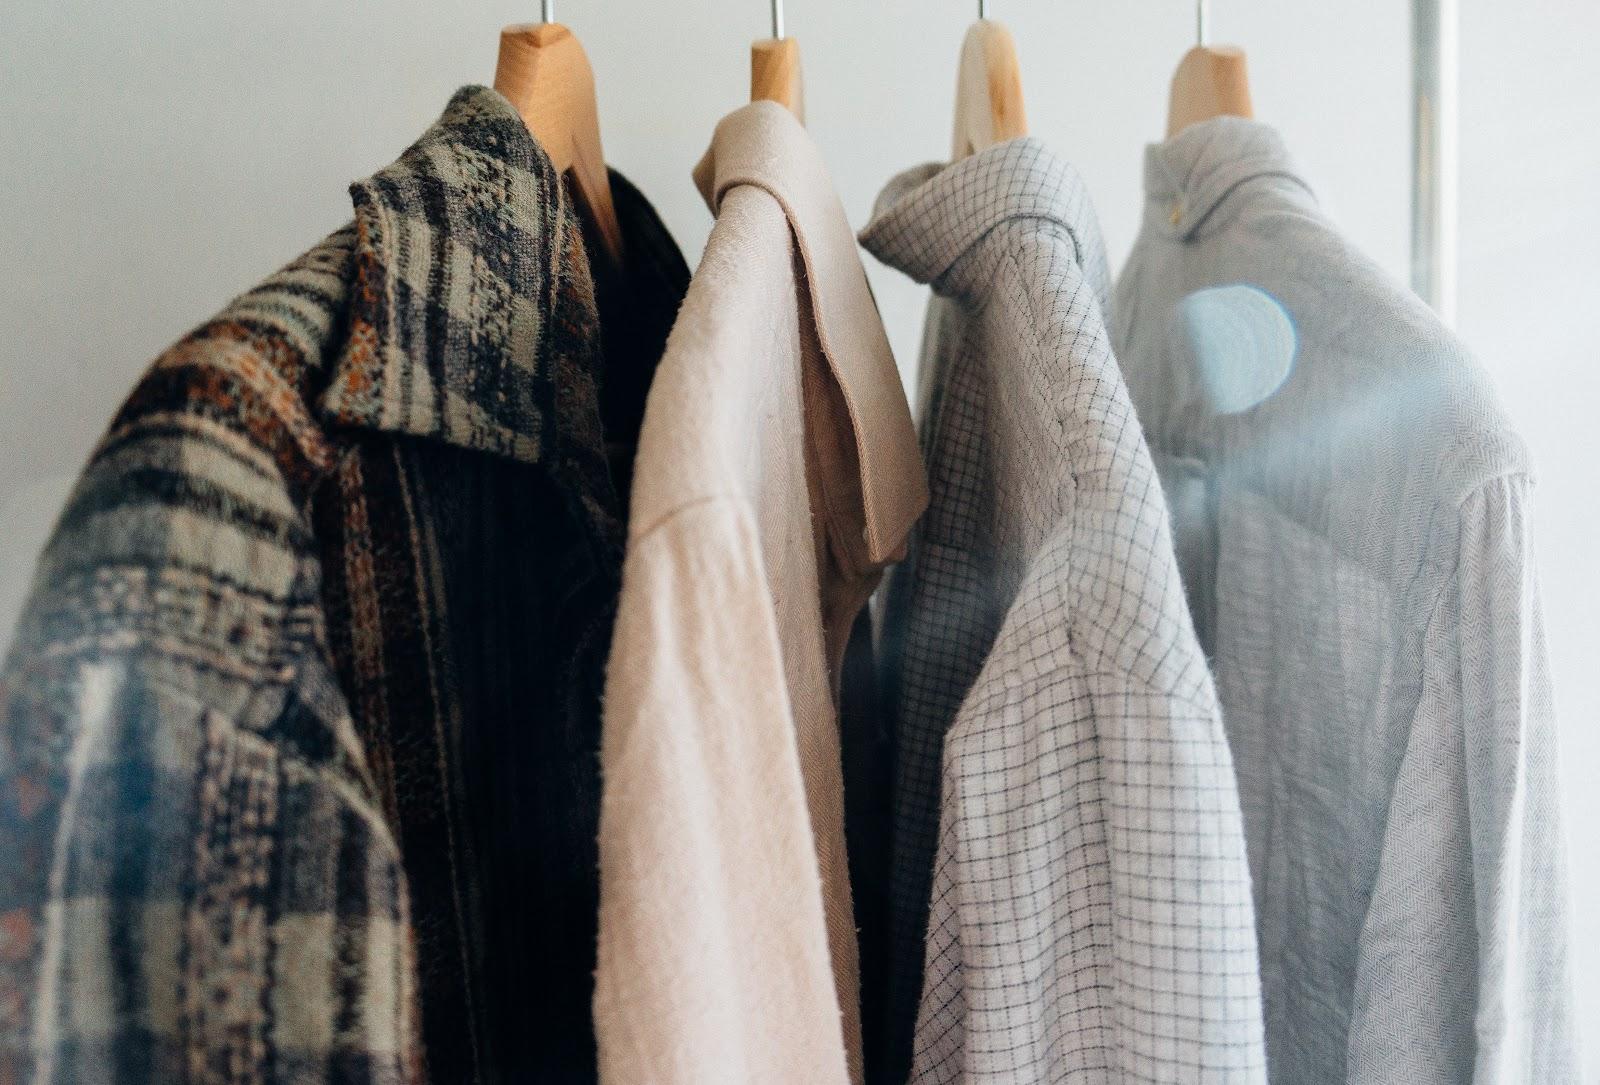 Des chemises délicates qui demandent un repassage à froid